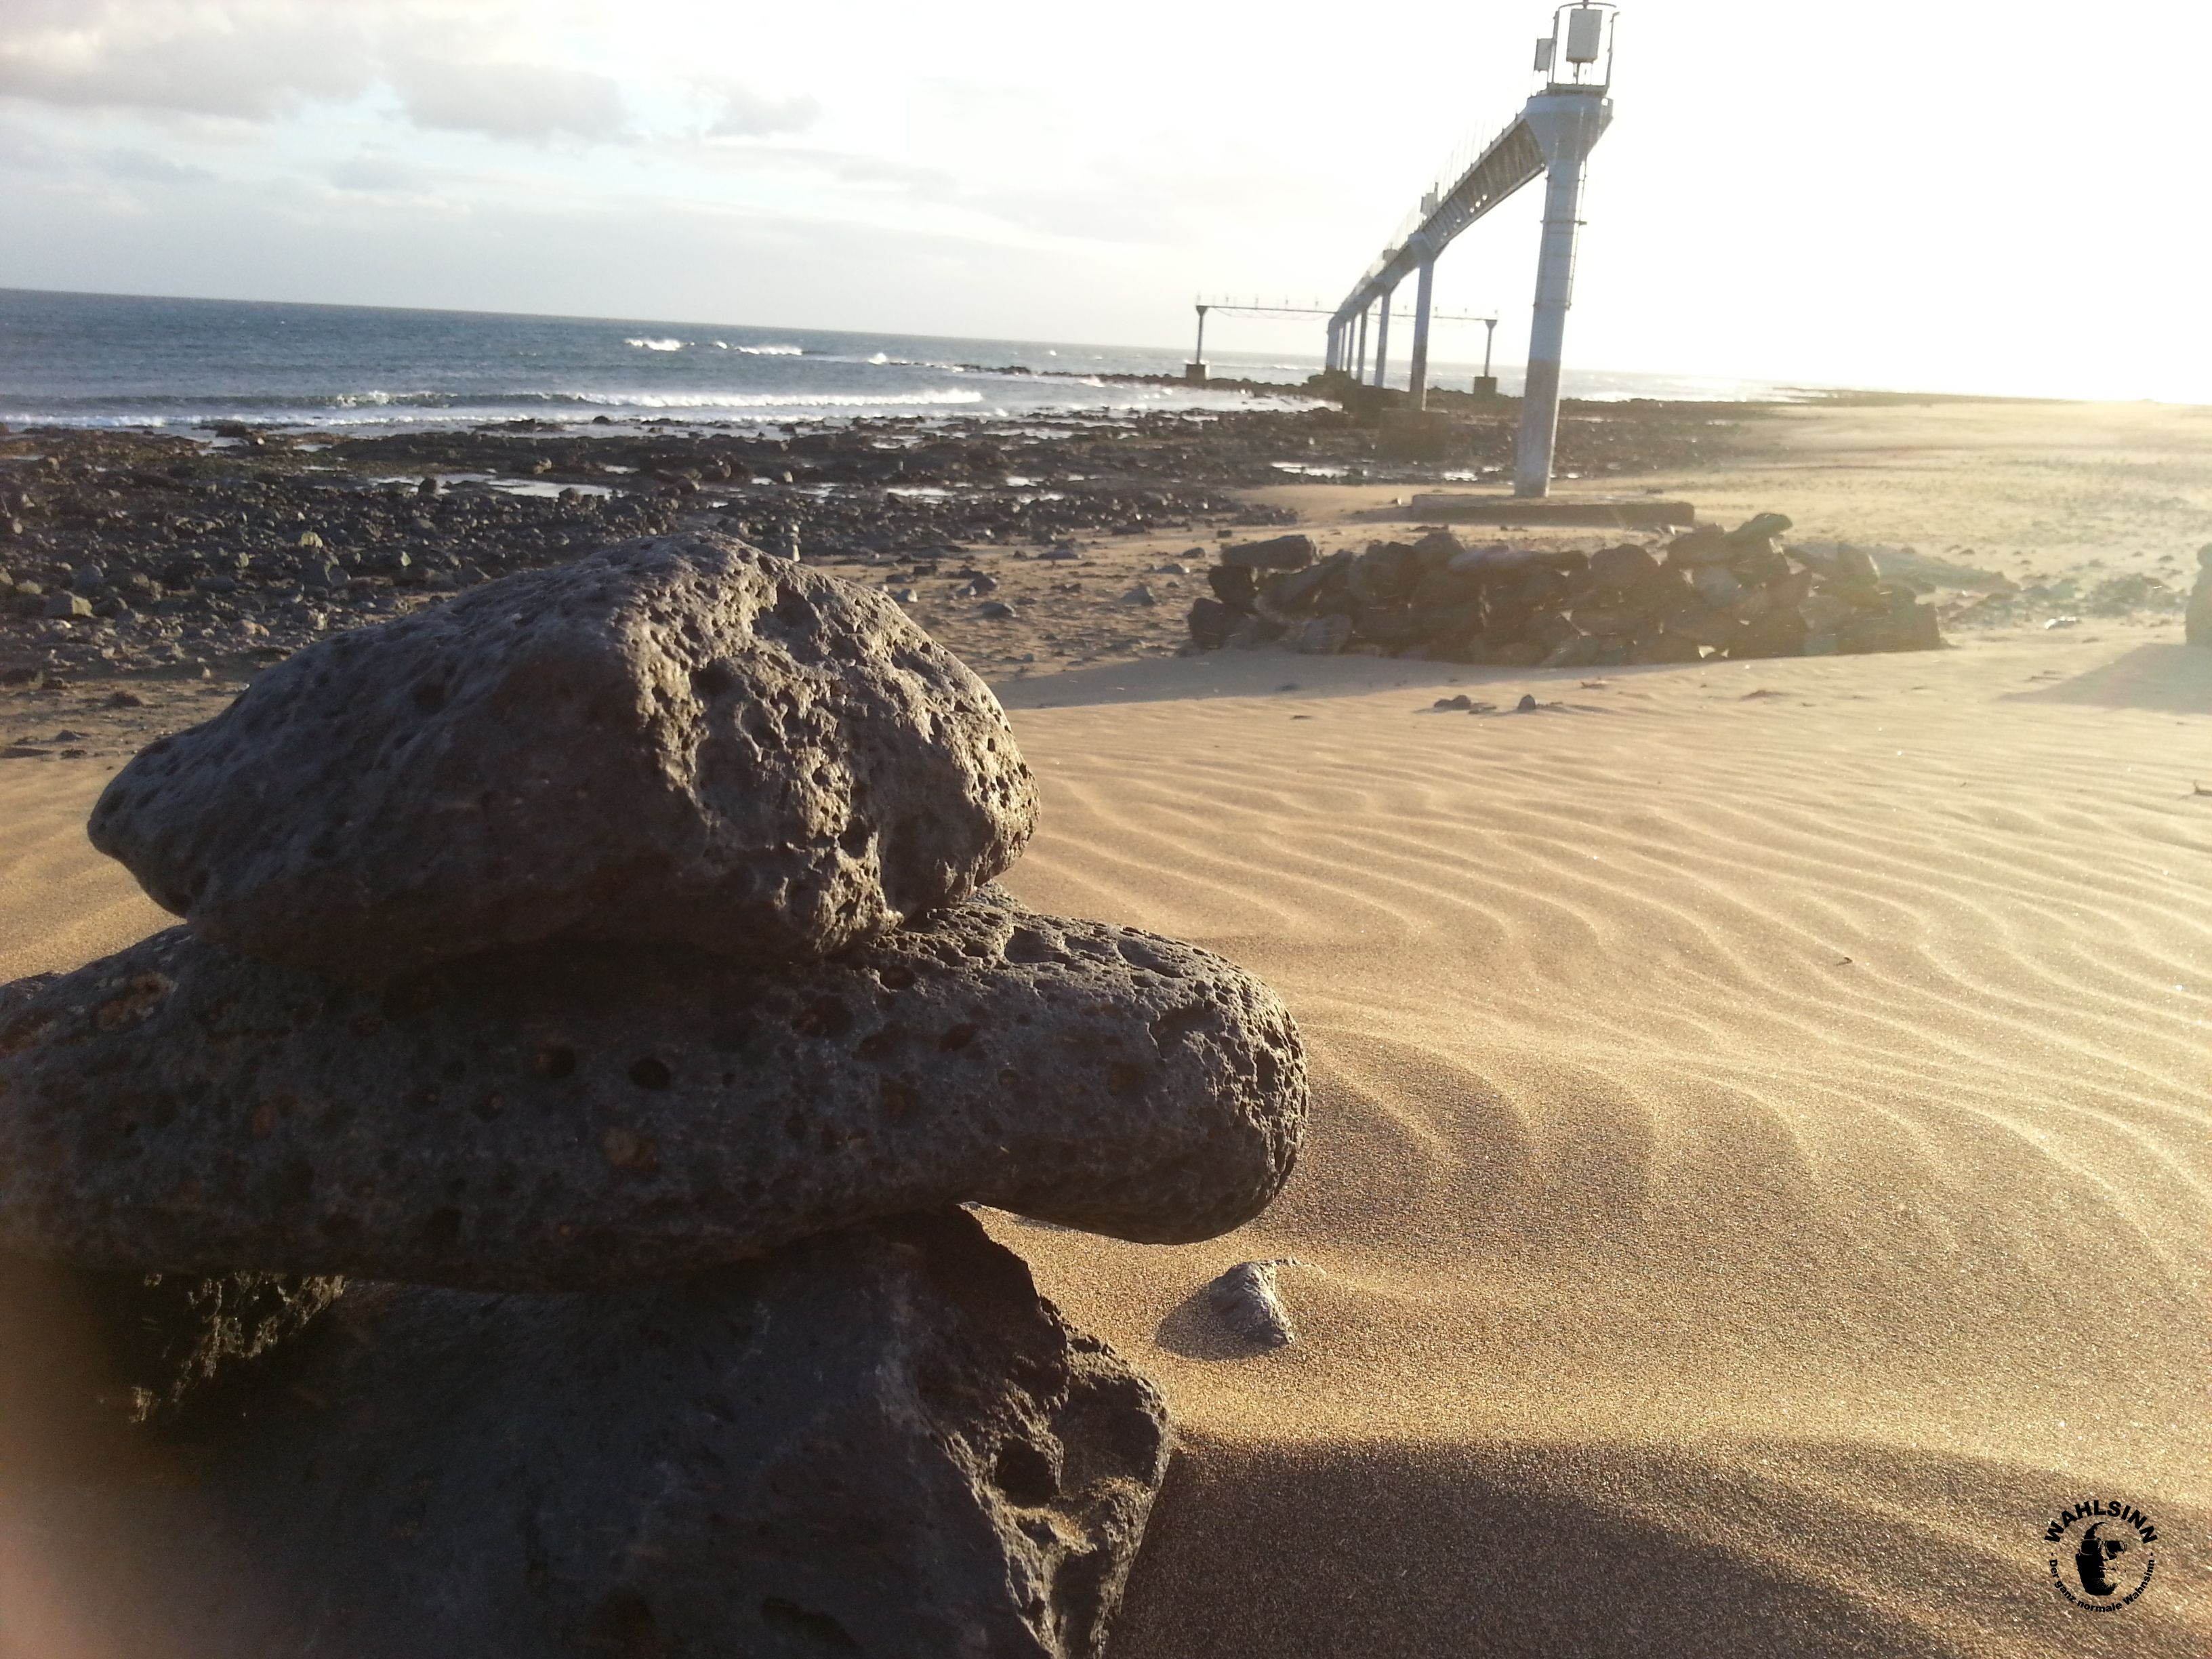 Lanzarote - Playa Honda direkt vor der Landebahn des Flughafens